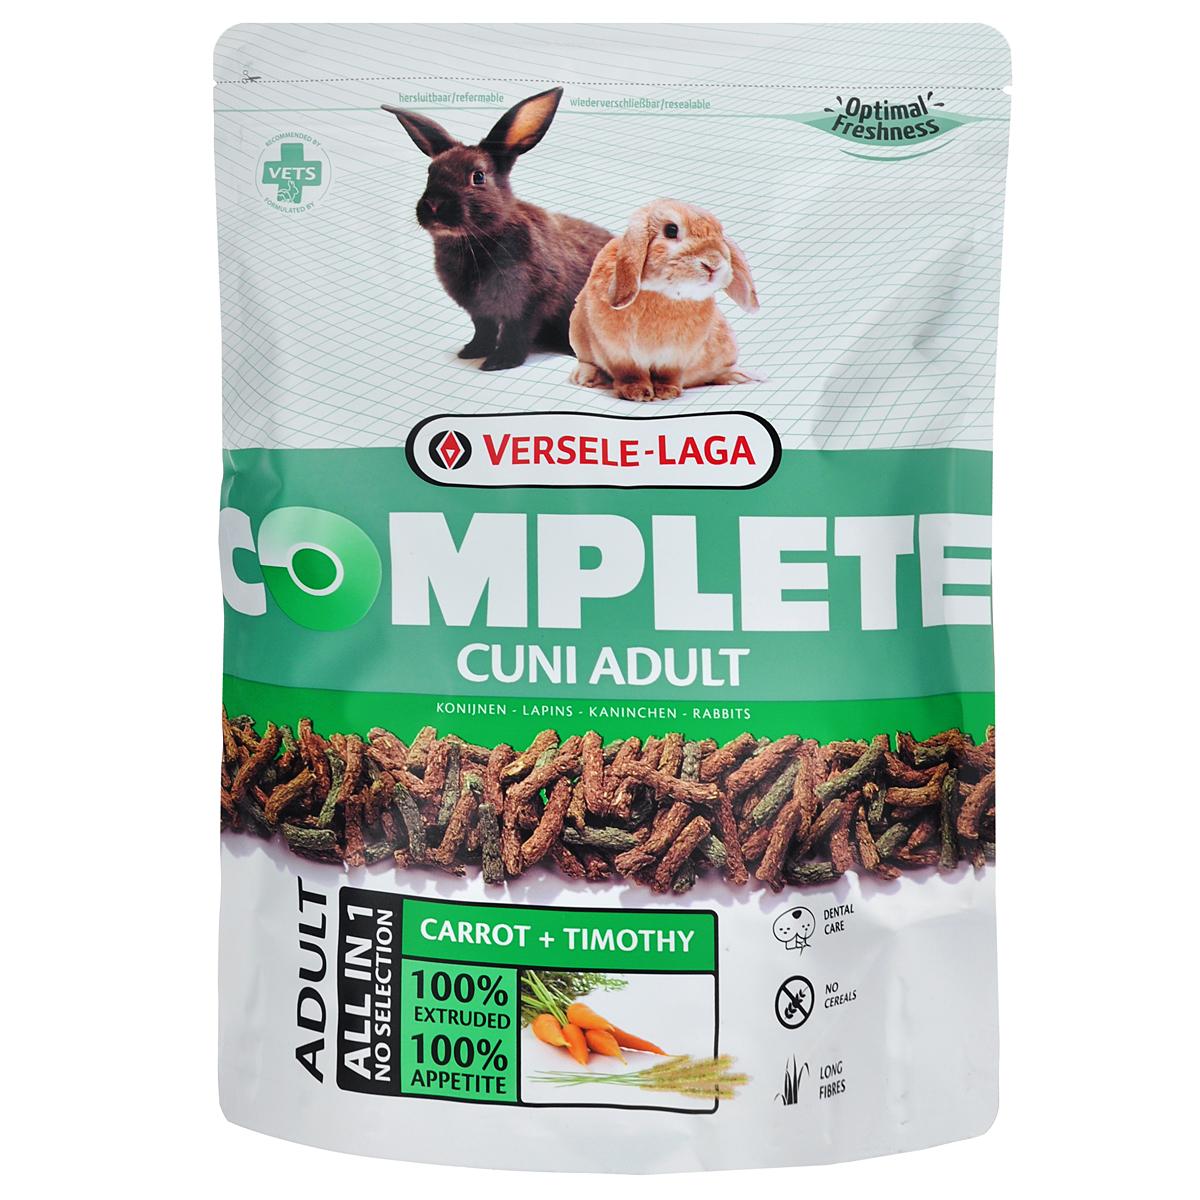 Корм для кроликов Versele-Laga Complete Cuni Adult, комплексный, 500 г461250Versele-Laga Complete Cuni Adult - это полноценный и вкусный корм для (карликовых) кроликов, состоящий на 100 % из легкоусвояемых экструдированных гранул. Уход за зубами Проблемы с зубами часто встречаются у (карликовых) кроликов. Обычно это следствие применения неподходящего корма, в котором не хватает ингредиентов, способствующих естественному стачиванию и постоянному росту зубов. Добавление специальных длинных волокон клетчатки в гранулы Versele-Laga Complete Cuni Adult способствует жевательному процессу, обеспечивая необходимое стачивание зубов и здоровье полости рта. Свежие овощи Процесс экструзии позволяет добавлять свежие овощи в гранулы. Добавление по крайней мере 10 % свежих овощей позволяет получить замечательный вкус. Смешивая овощи с клетчаткой с основой Cuni Complete мы получаем замечательный корм для (карликовых) кроликов с высокой степенью усвояемости. Длинные волокна (Карликовые) кролики - это...